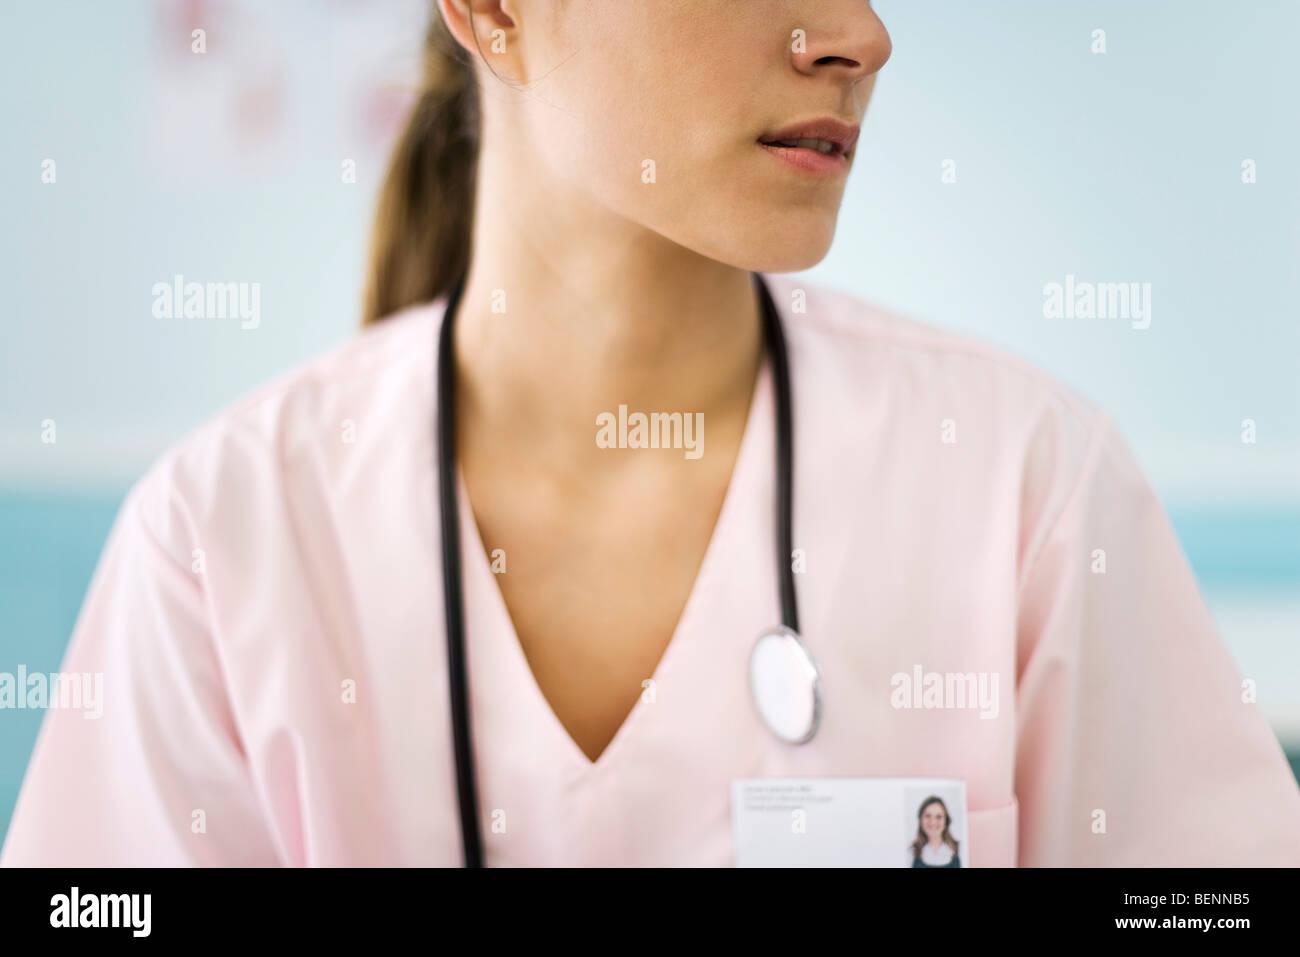 Nurse turning head, cropped - Stock Image